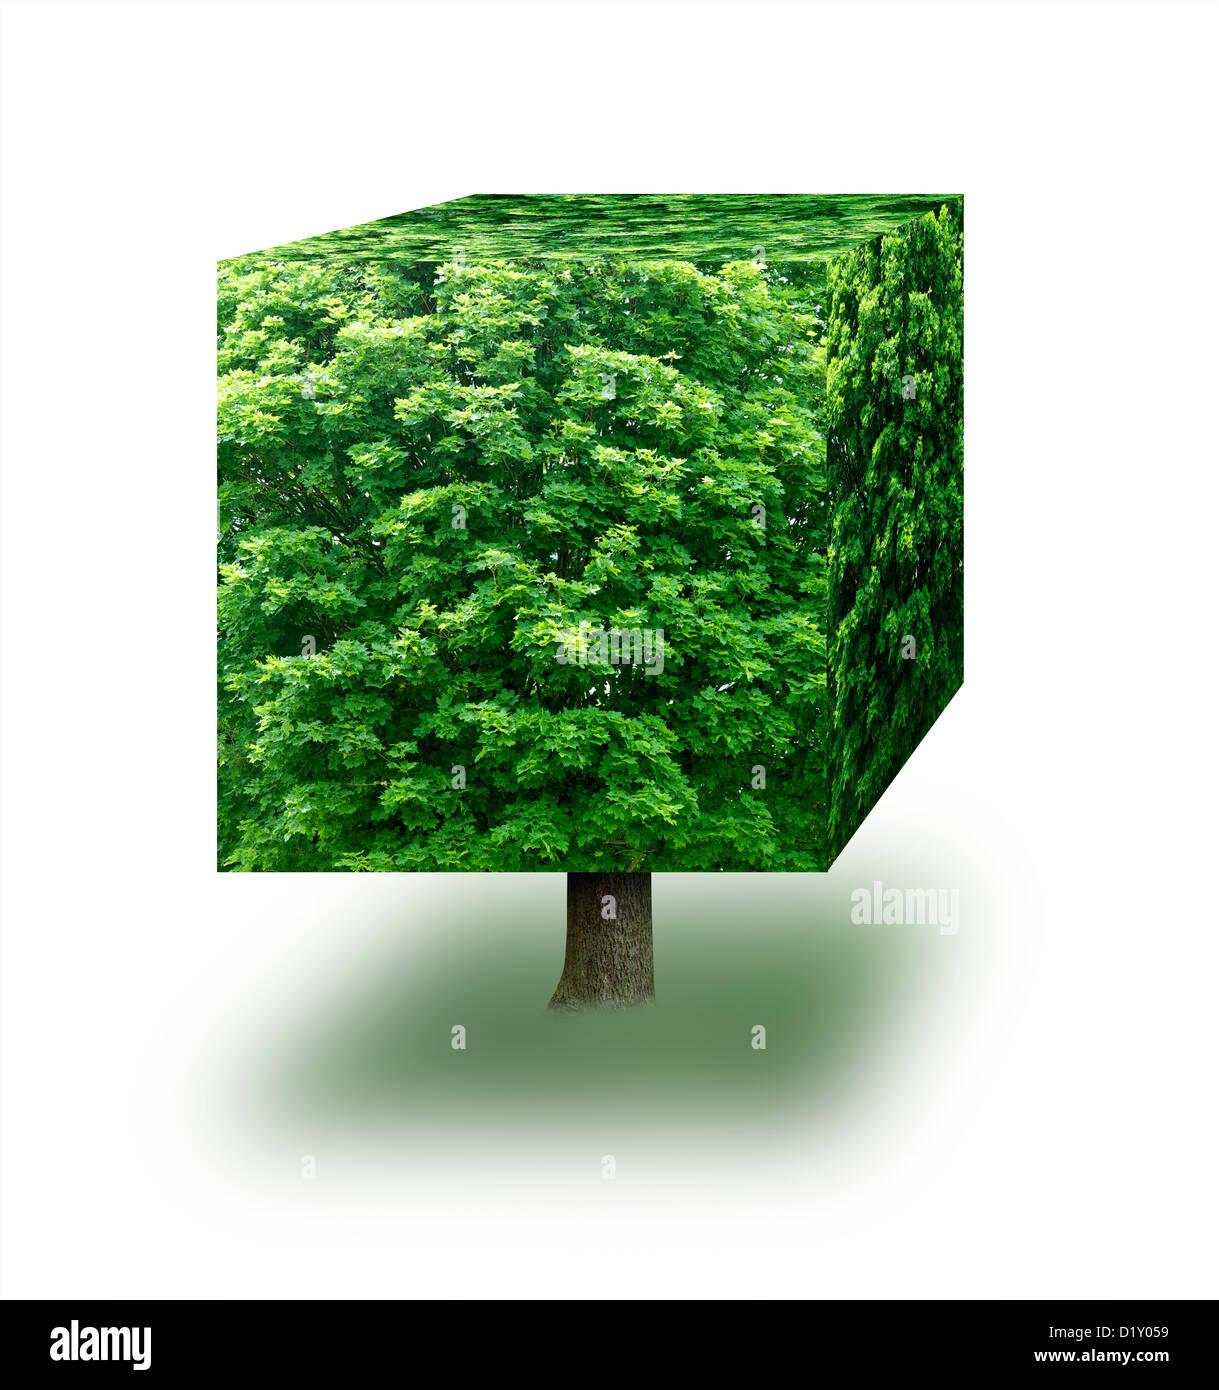 Cube hicieron de un árbol sobre un fondo blanco. Imagen De Stock